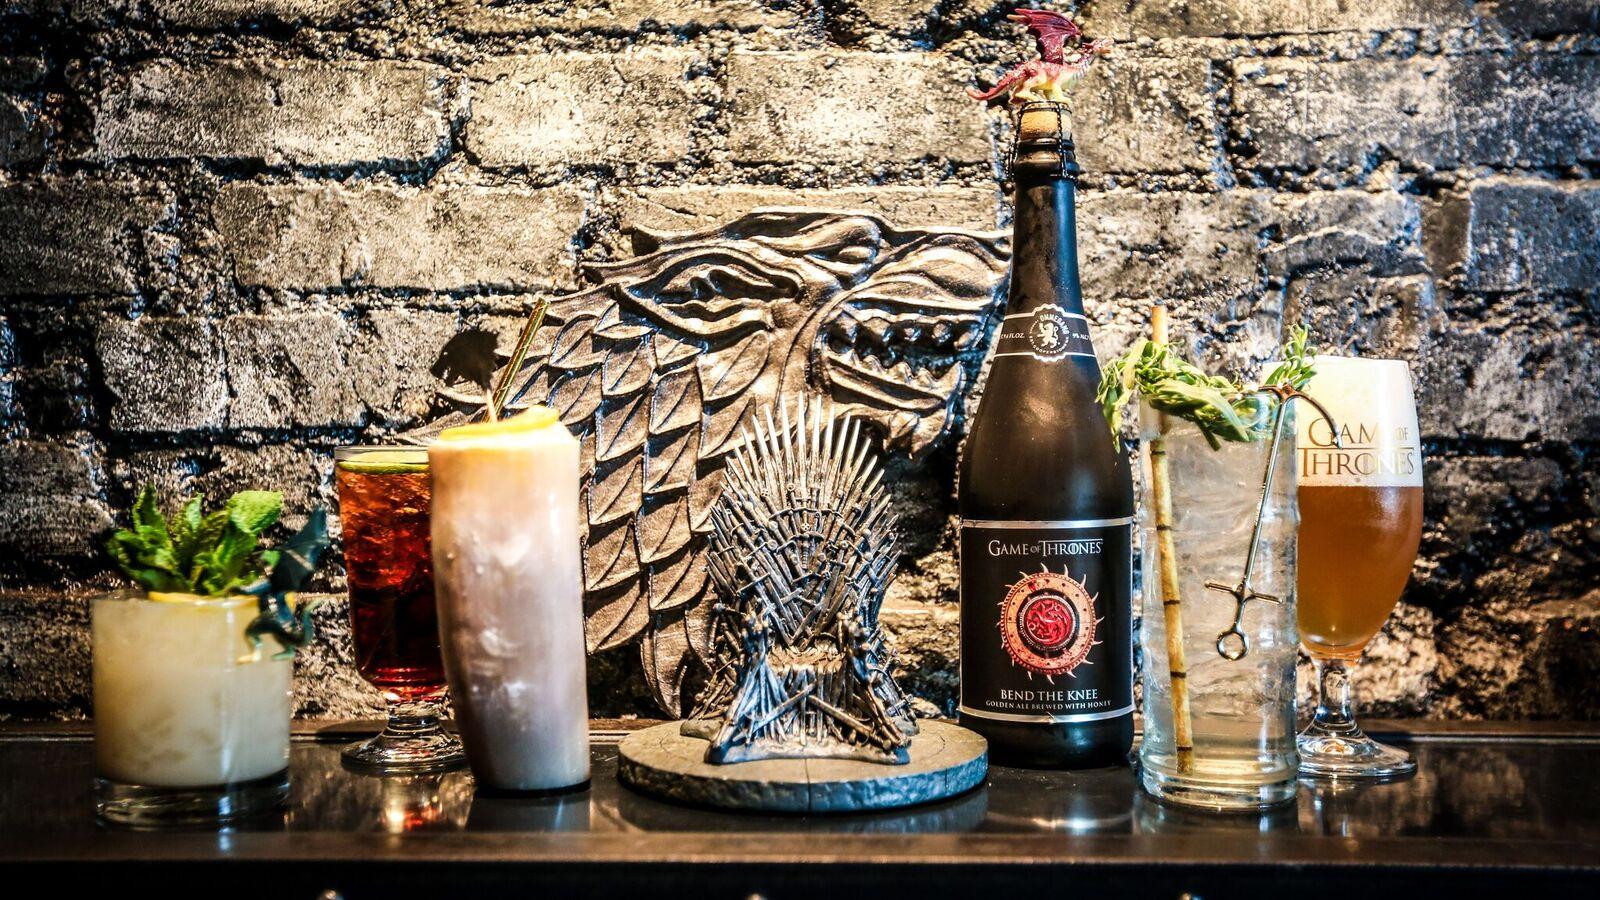 Ausgezeichnet Game Of Thrones Interieur Ideen Fotos - Die Besten ...